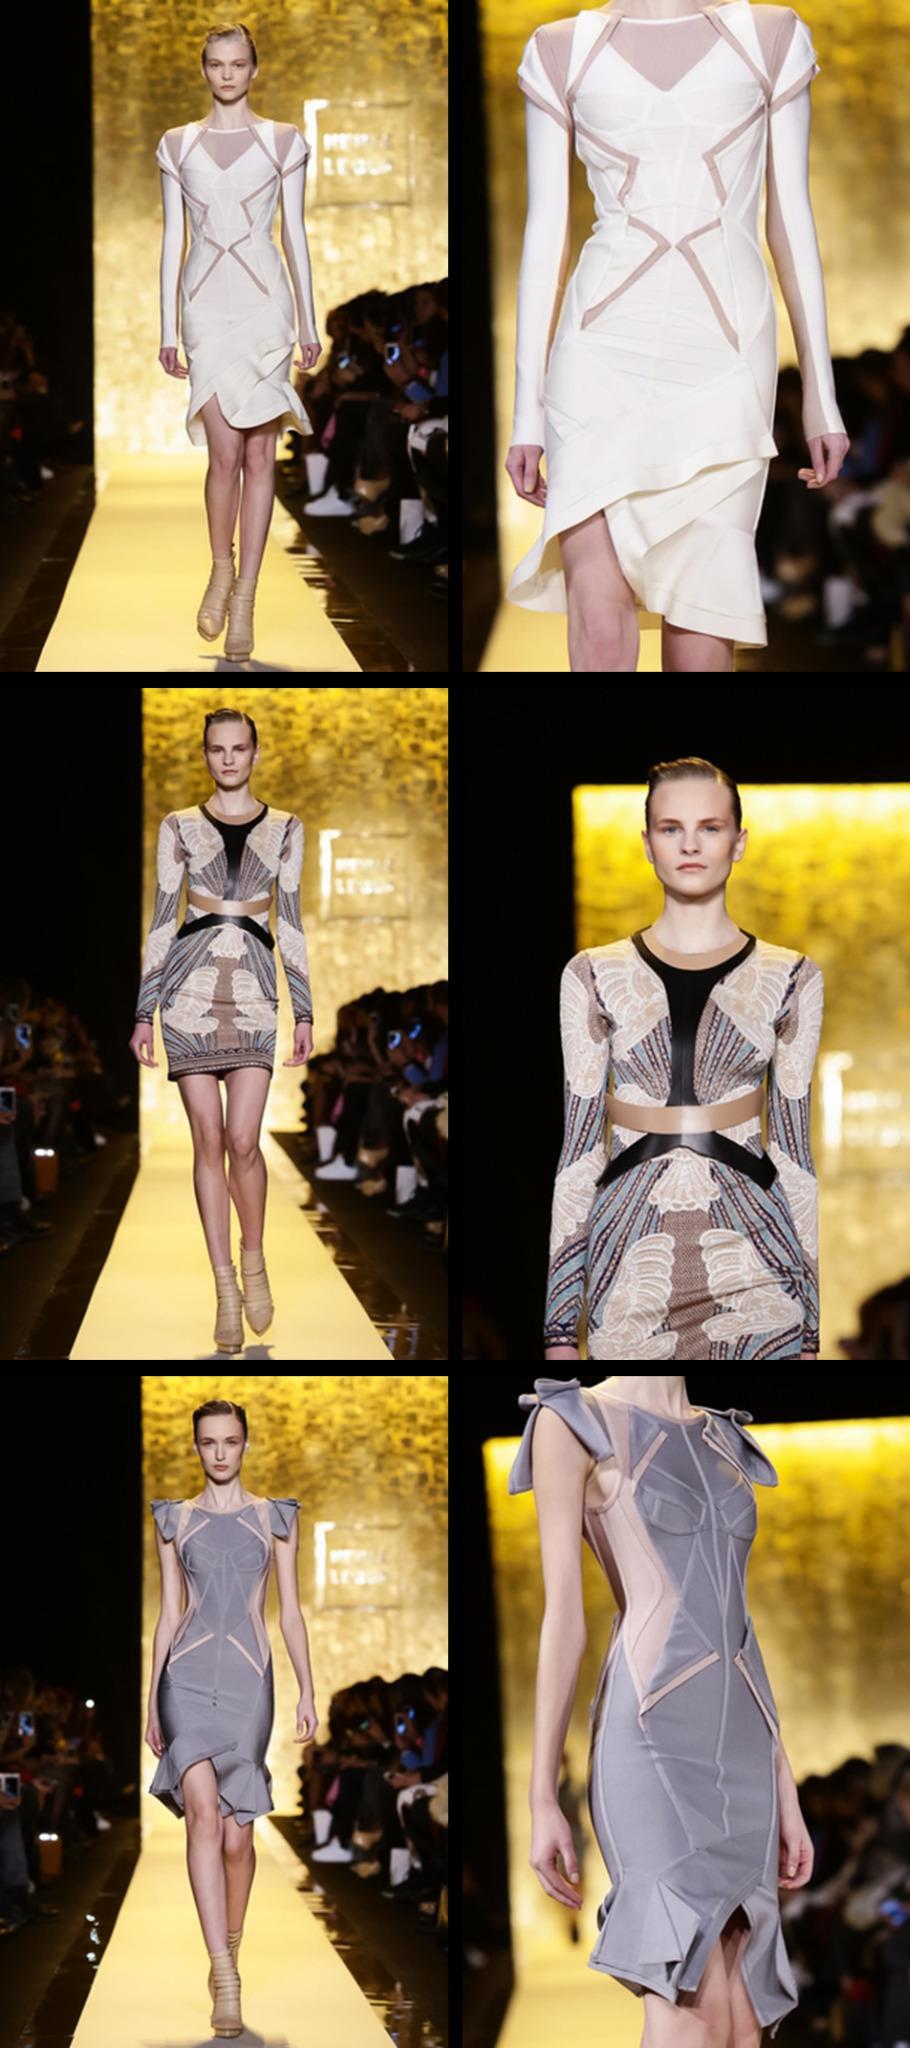 ما رأيك بتصاميم #HerveLeger  التي عرضت اليوم في #أسبوع_الموضة #NYFW http://t.co/fZ1apzoq5v